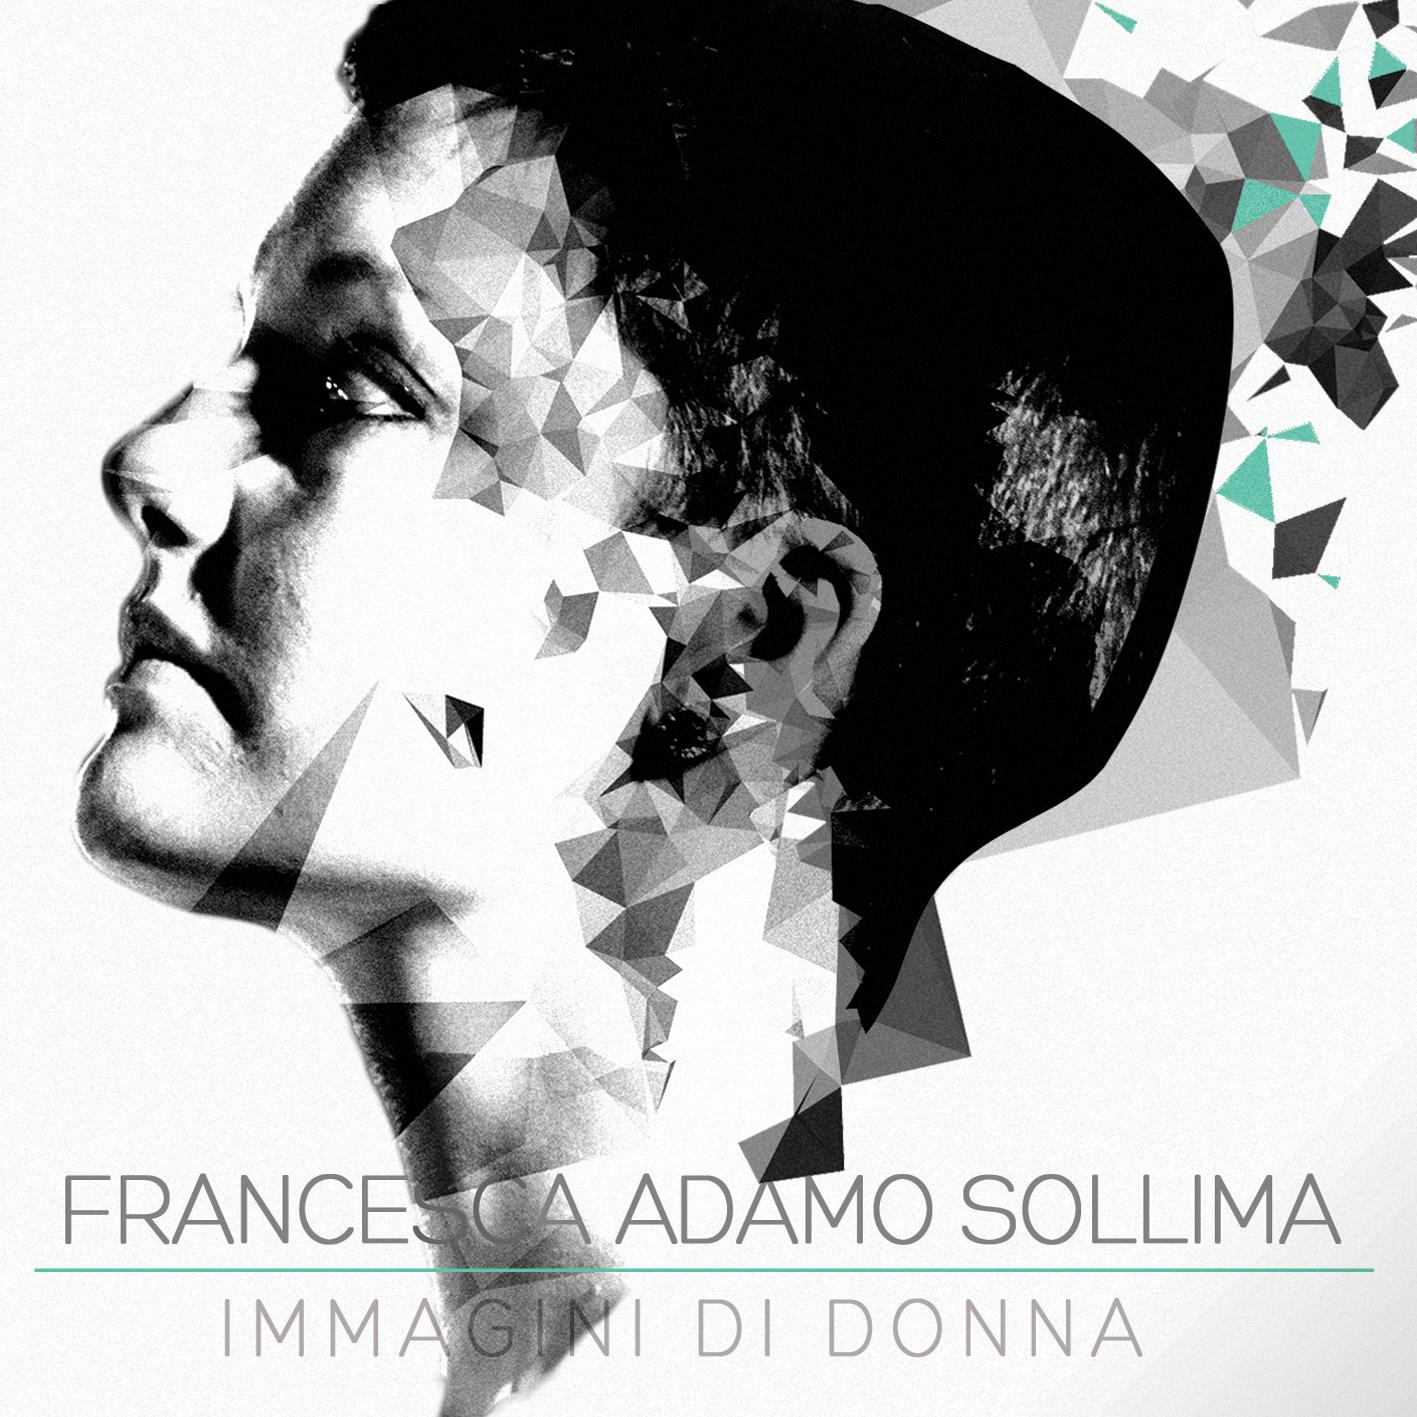 Francesca Adamo Sollima